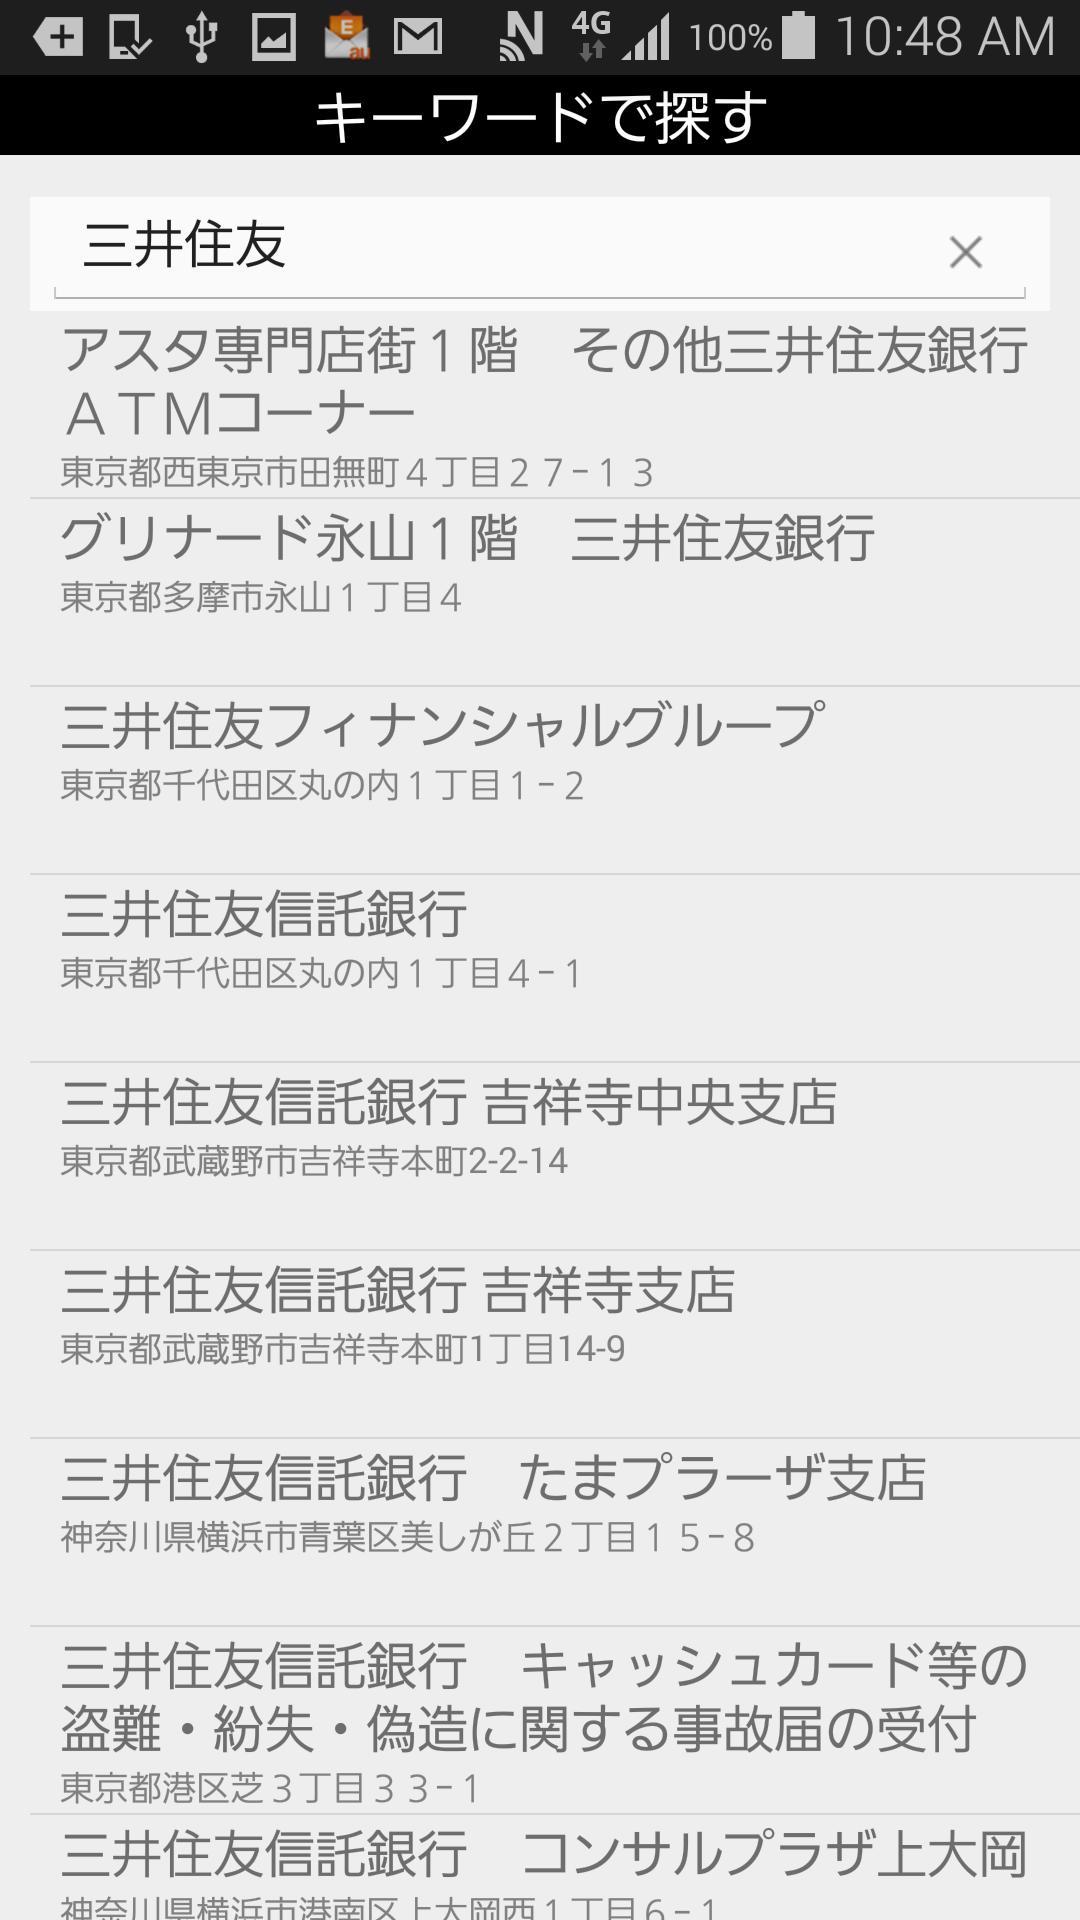 住友 atm 銀行 三井 信託